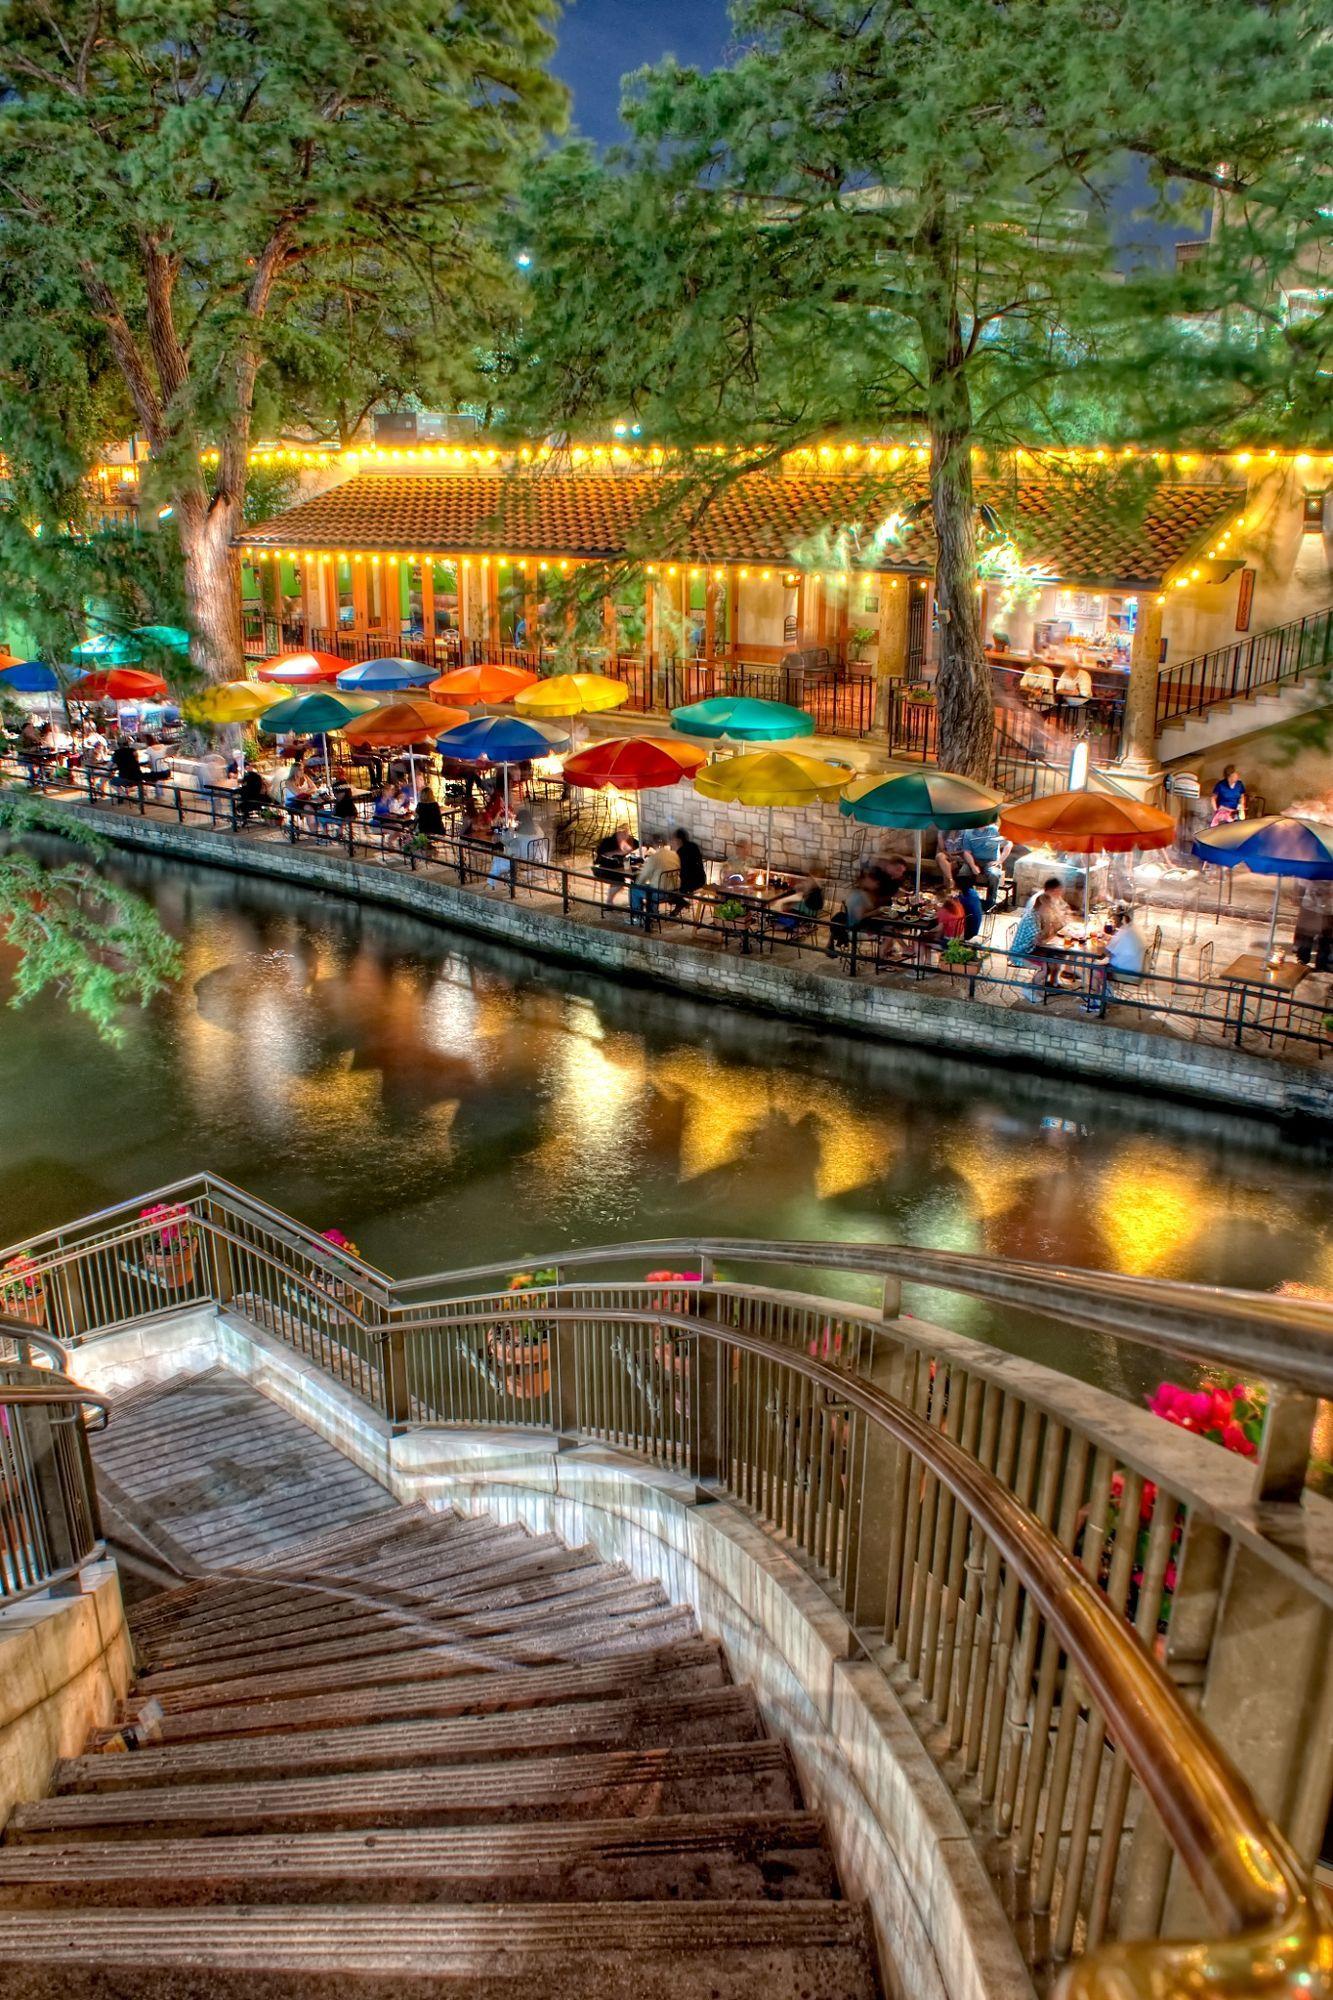 Casa rio by brandon watts san antonio riverwalk san